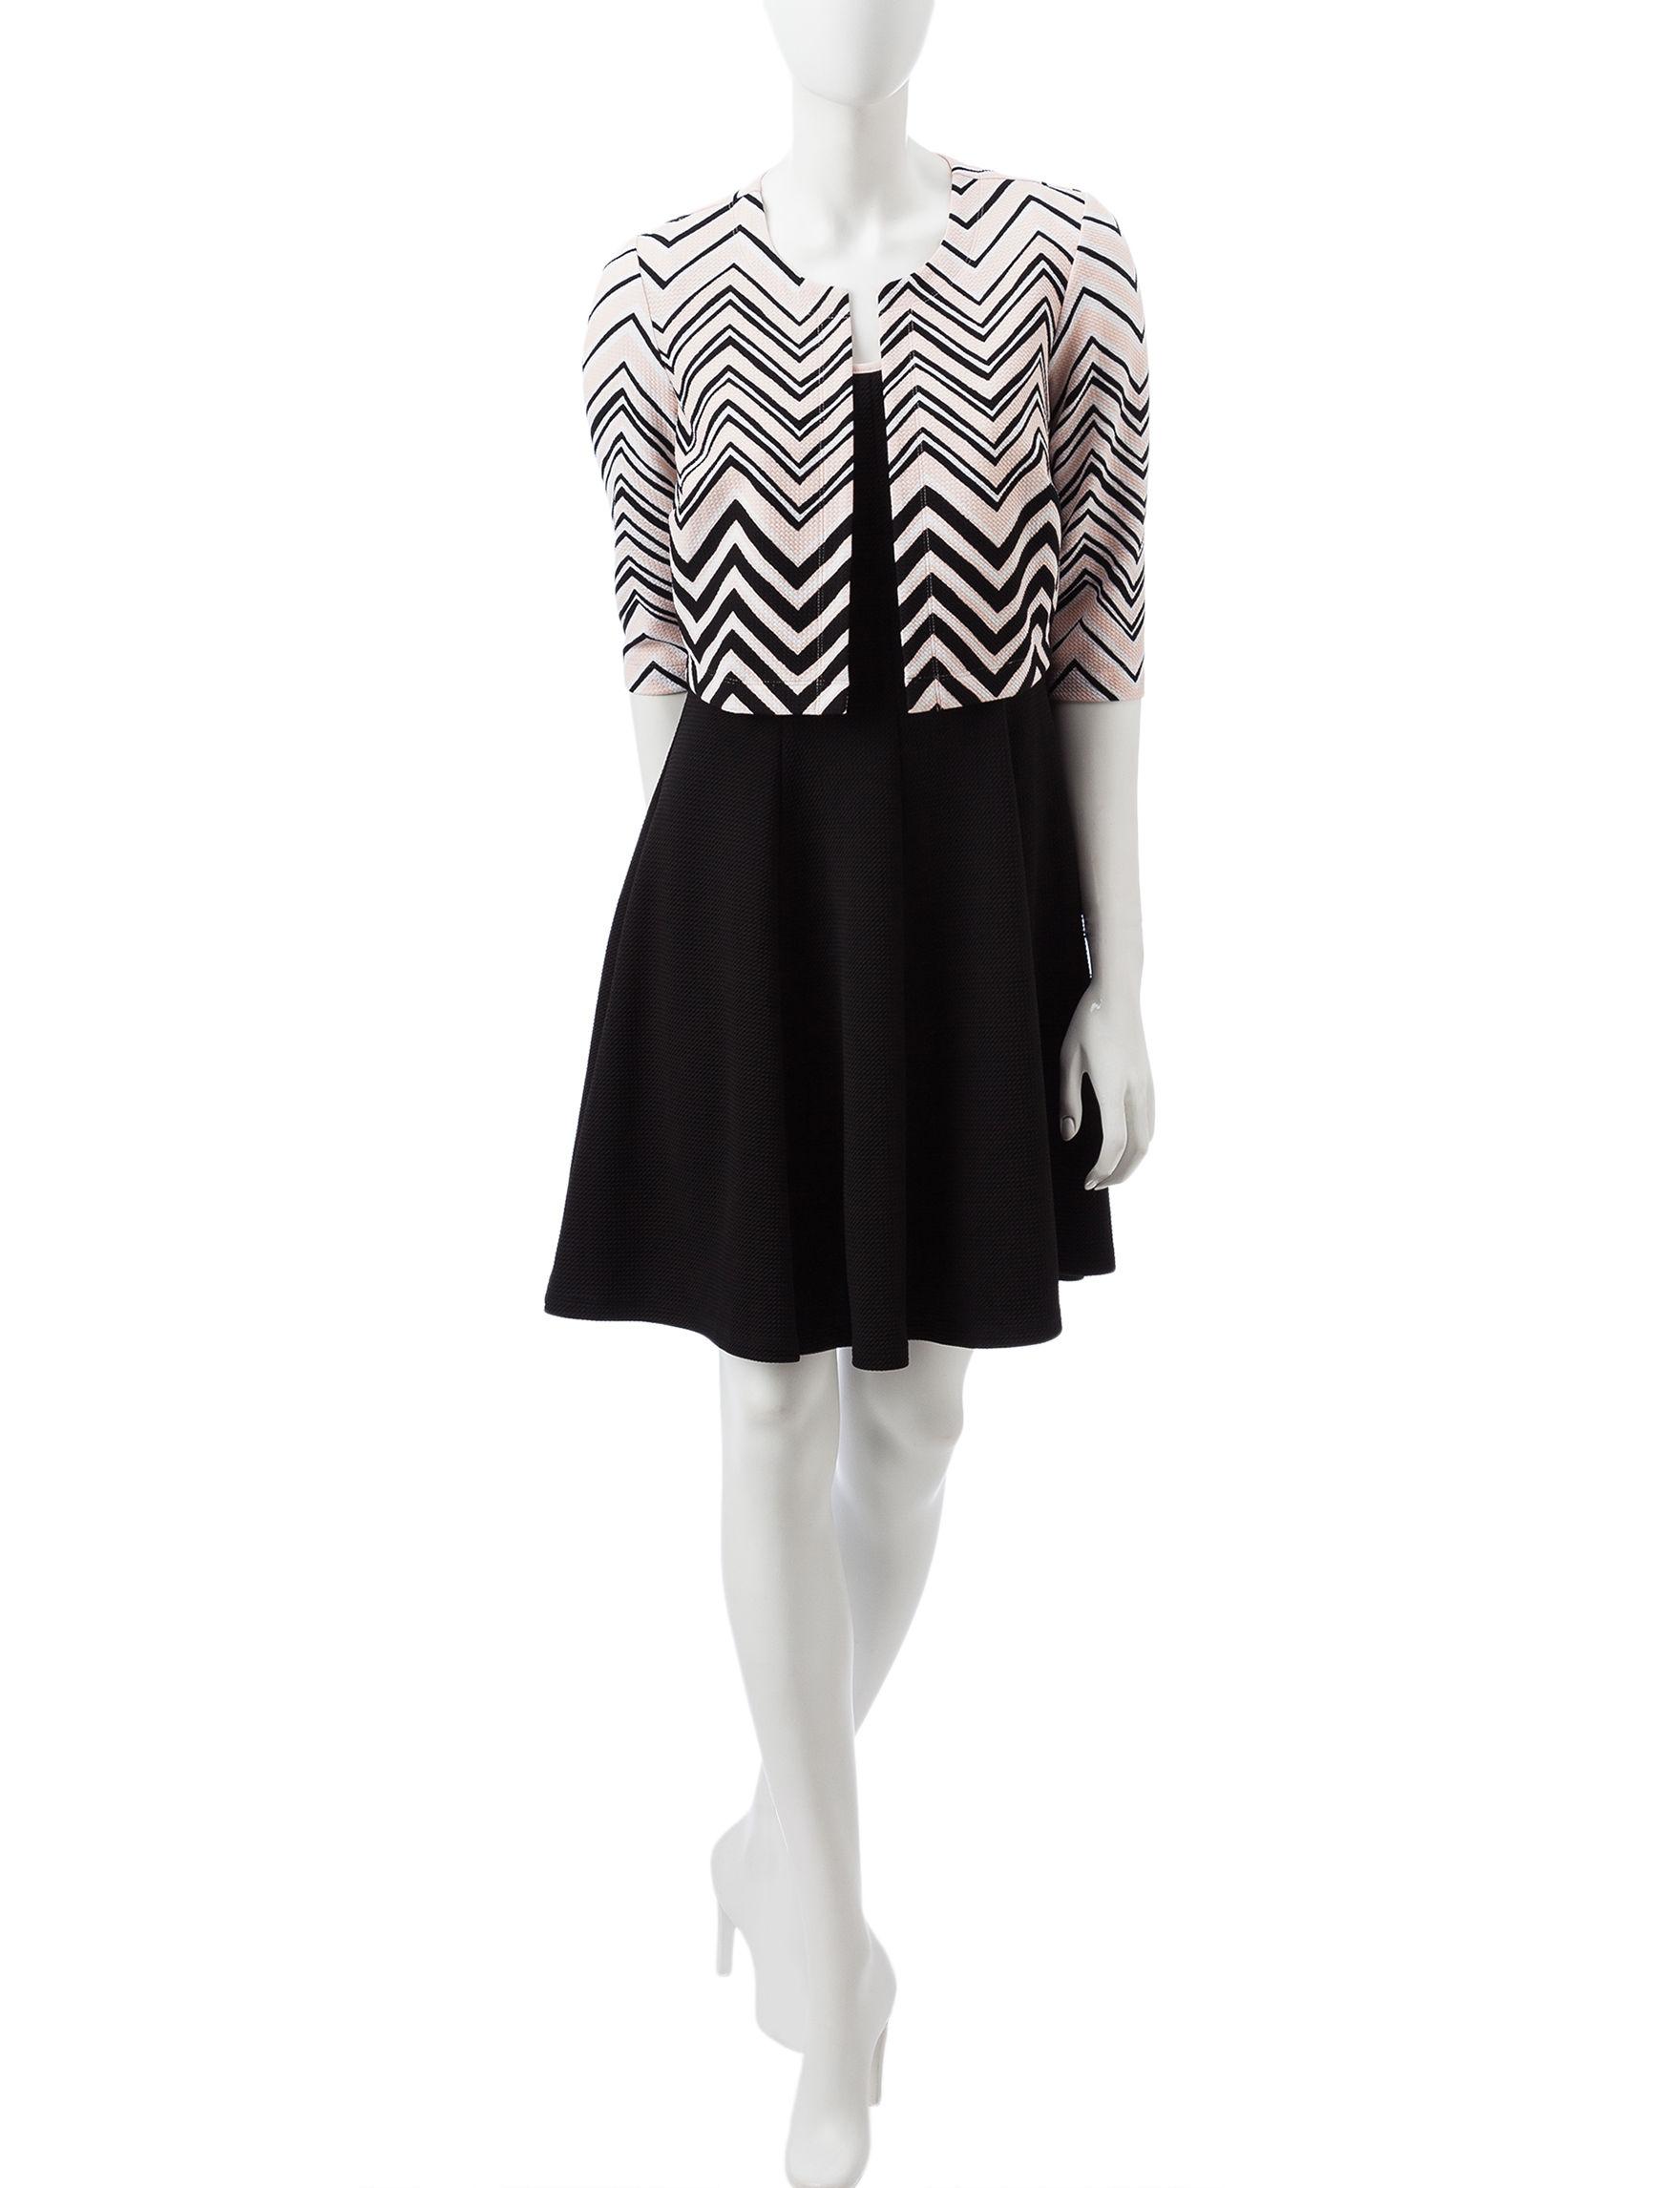 Robbie Bee Pink / Black Everyday & Casual Jacket Dresses